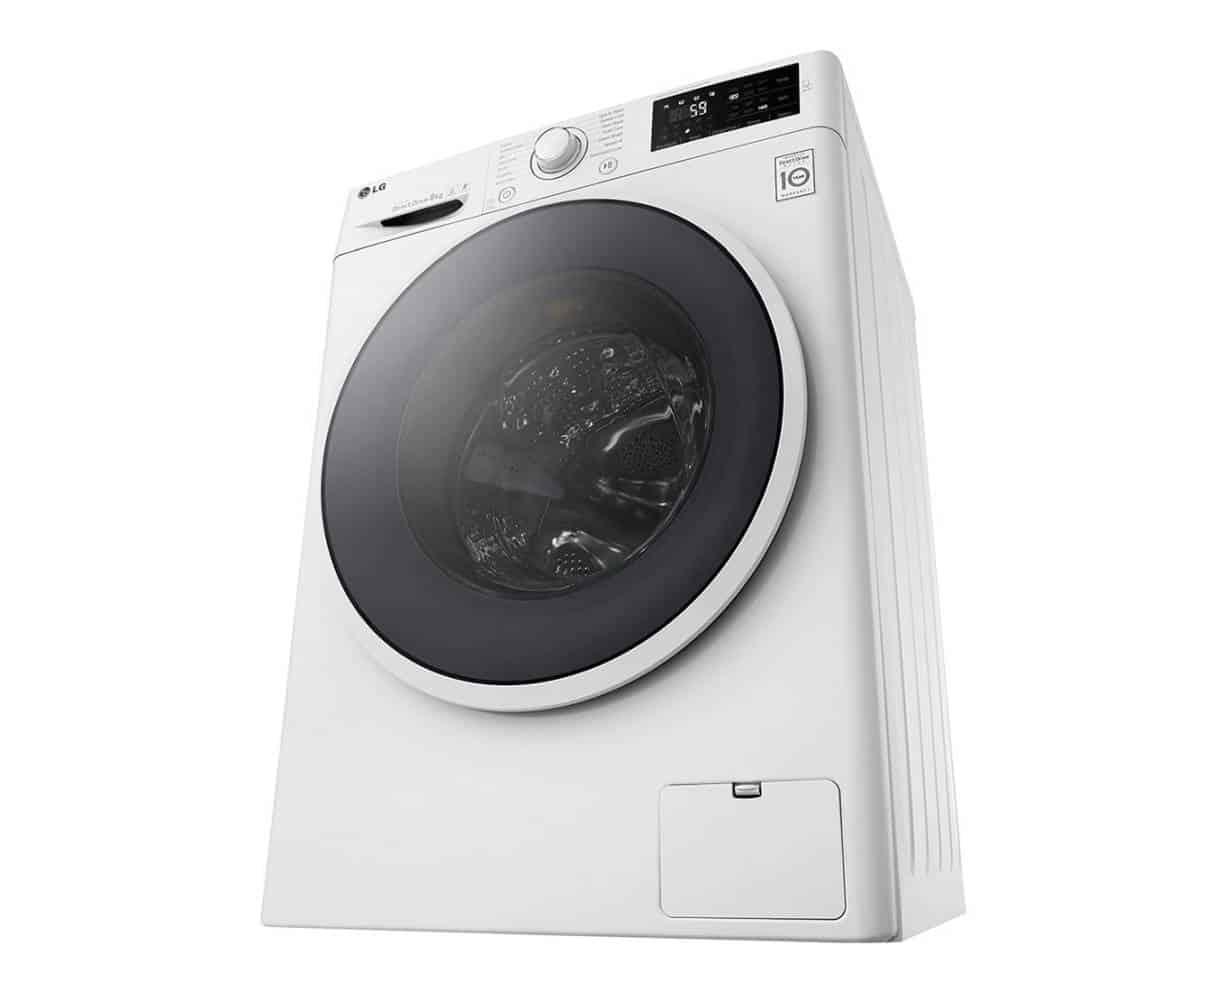 Lg f 14 u2 vdn1h waschmaschine im test 07 2018